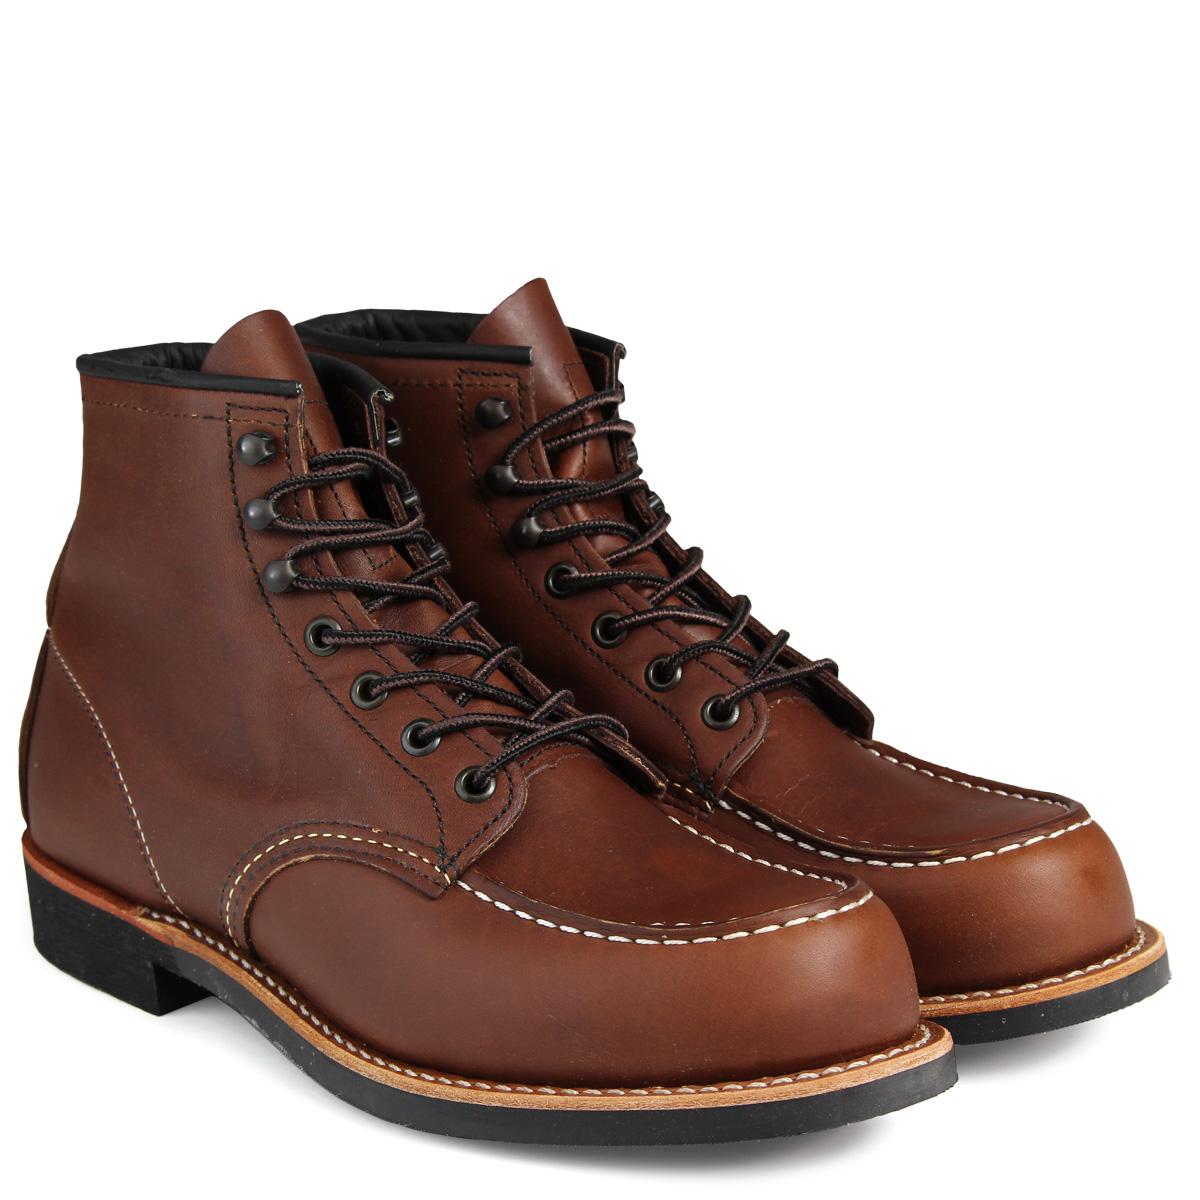 RED WING COOPER TOE レッドウィング ブーツ 6インチ Dワイズ 2954 レッドウイング メンズ ブラウン